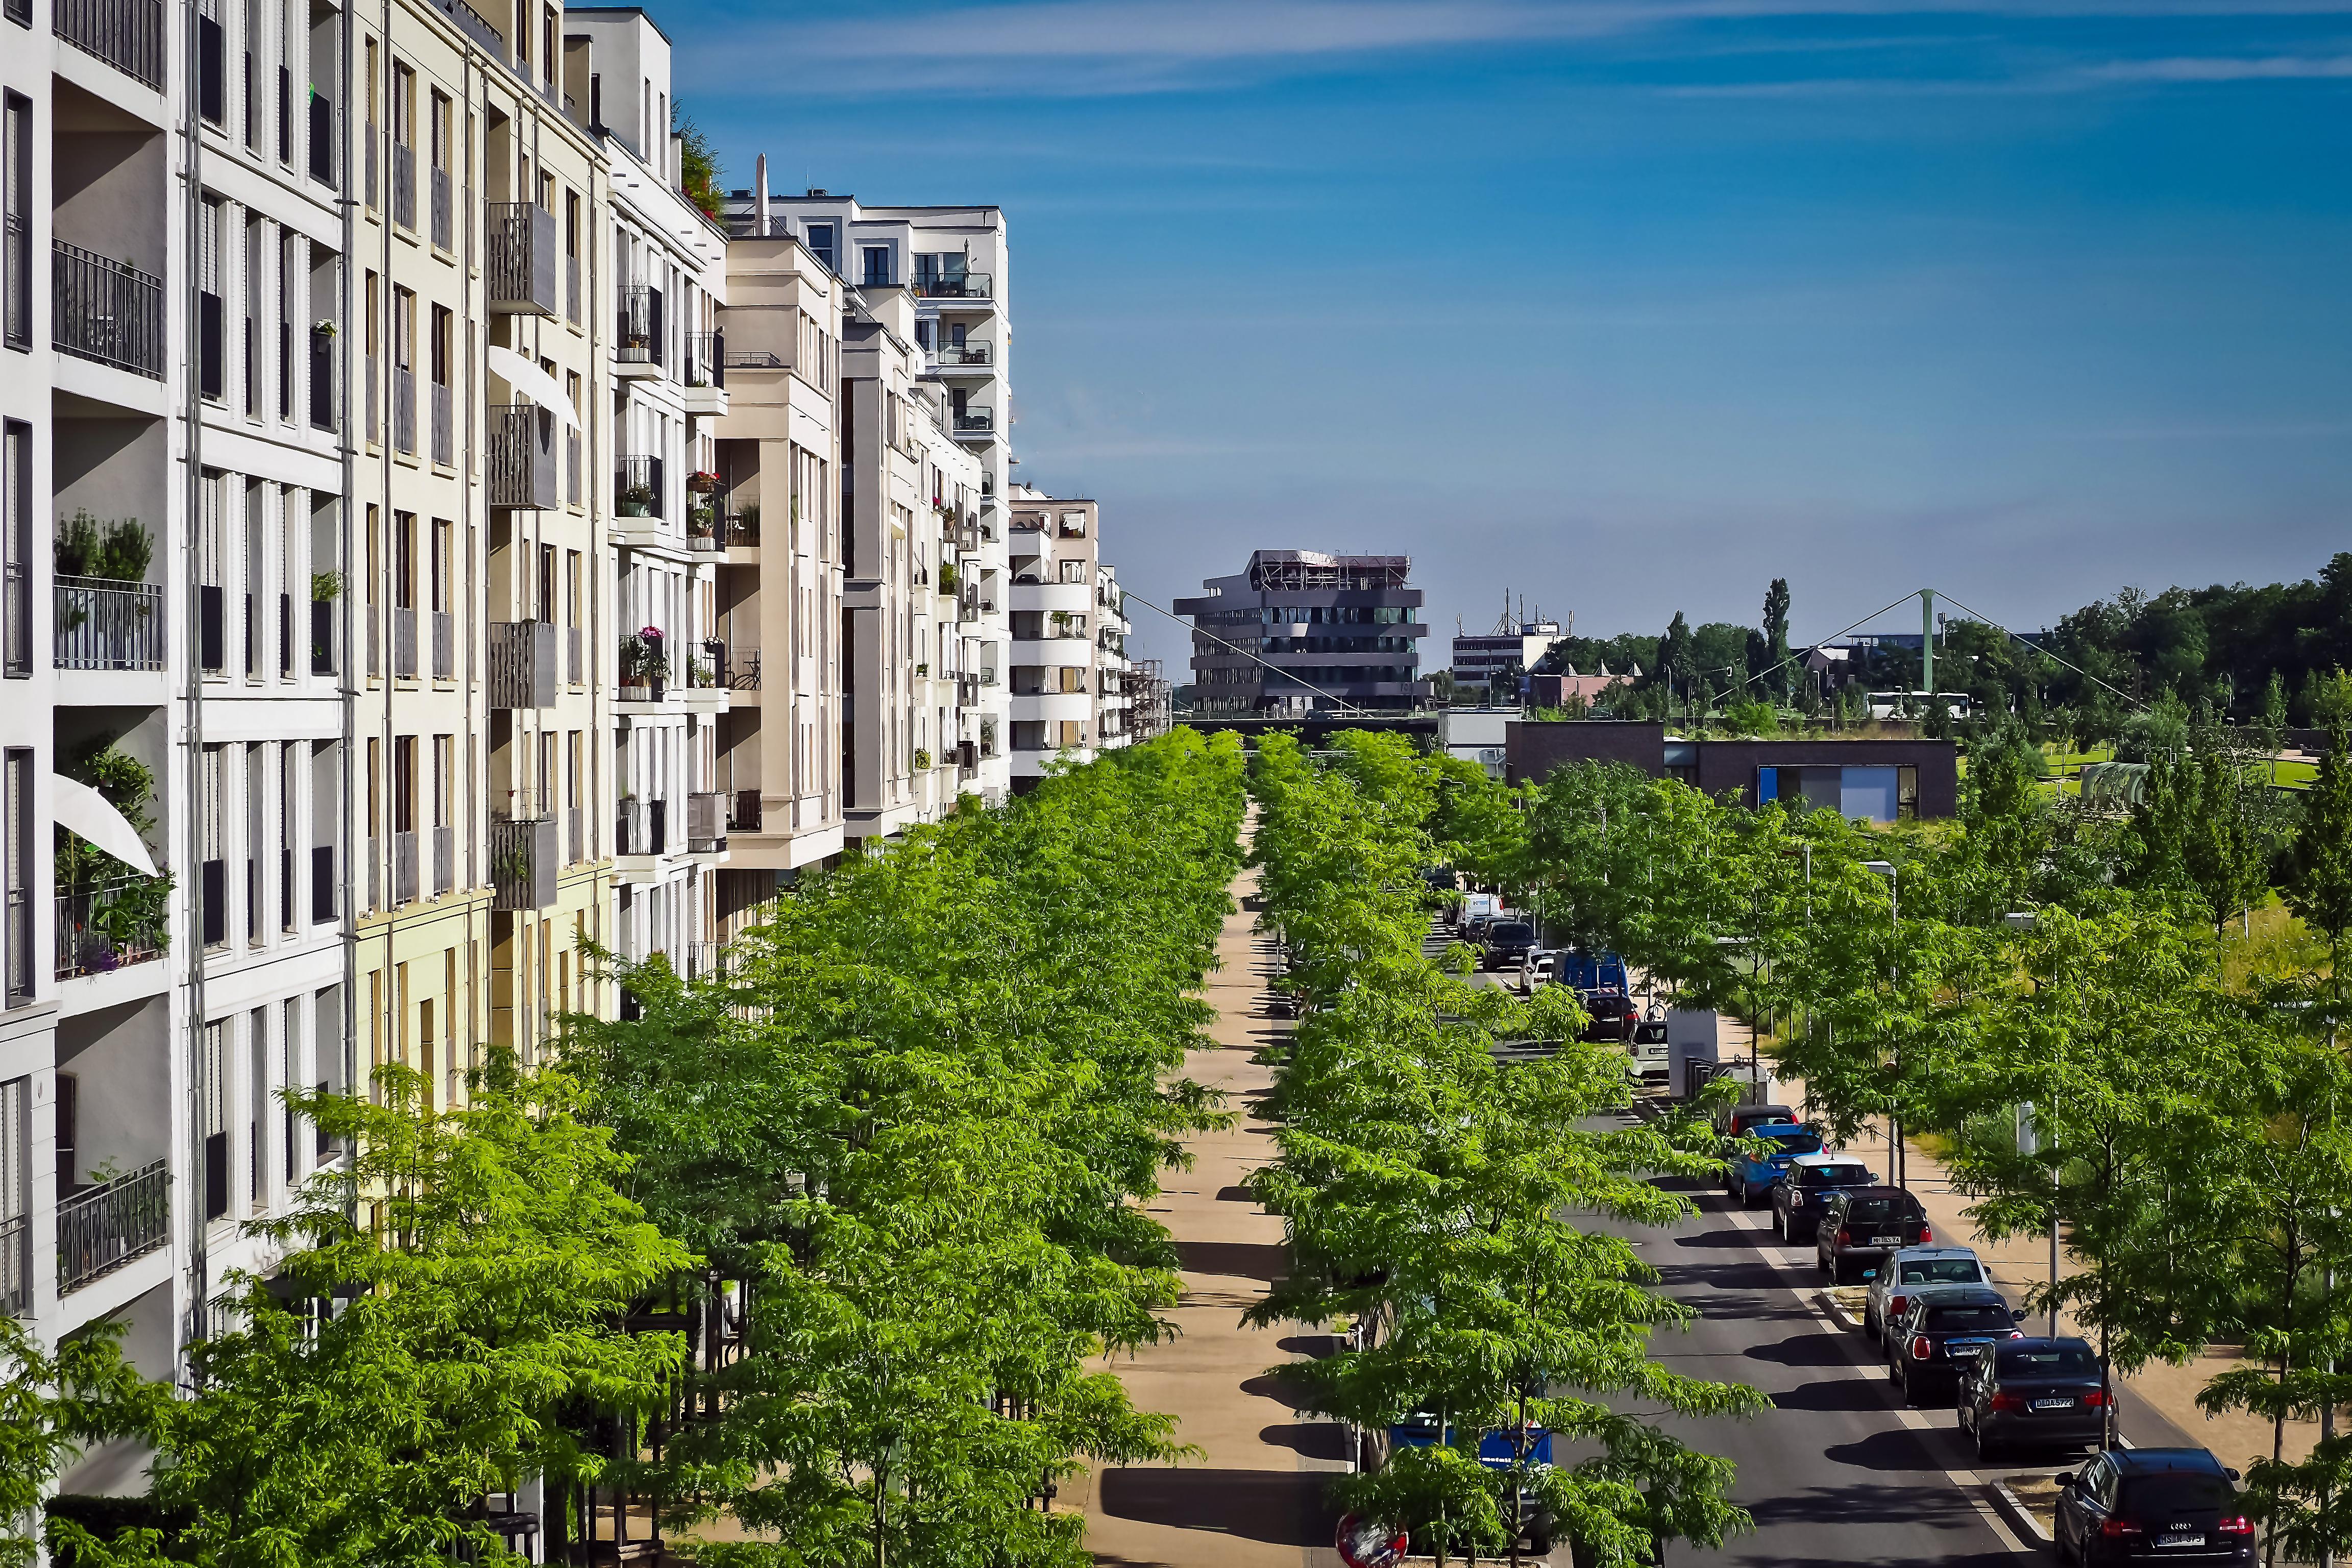 Images Gratuites : route, blanc, bâtiment, Gratte-ciel, Urbain ...